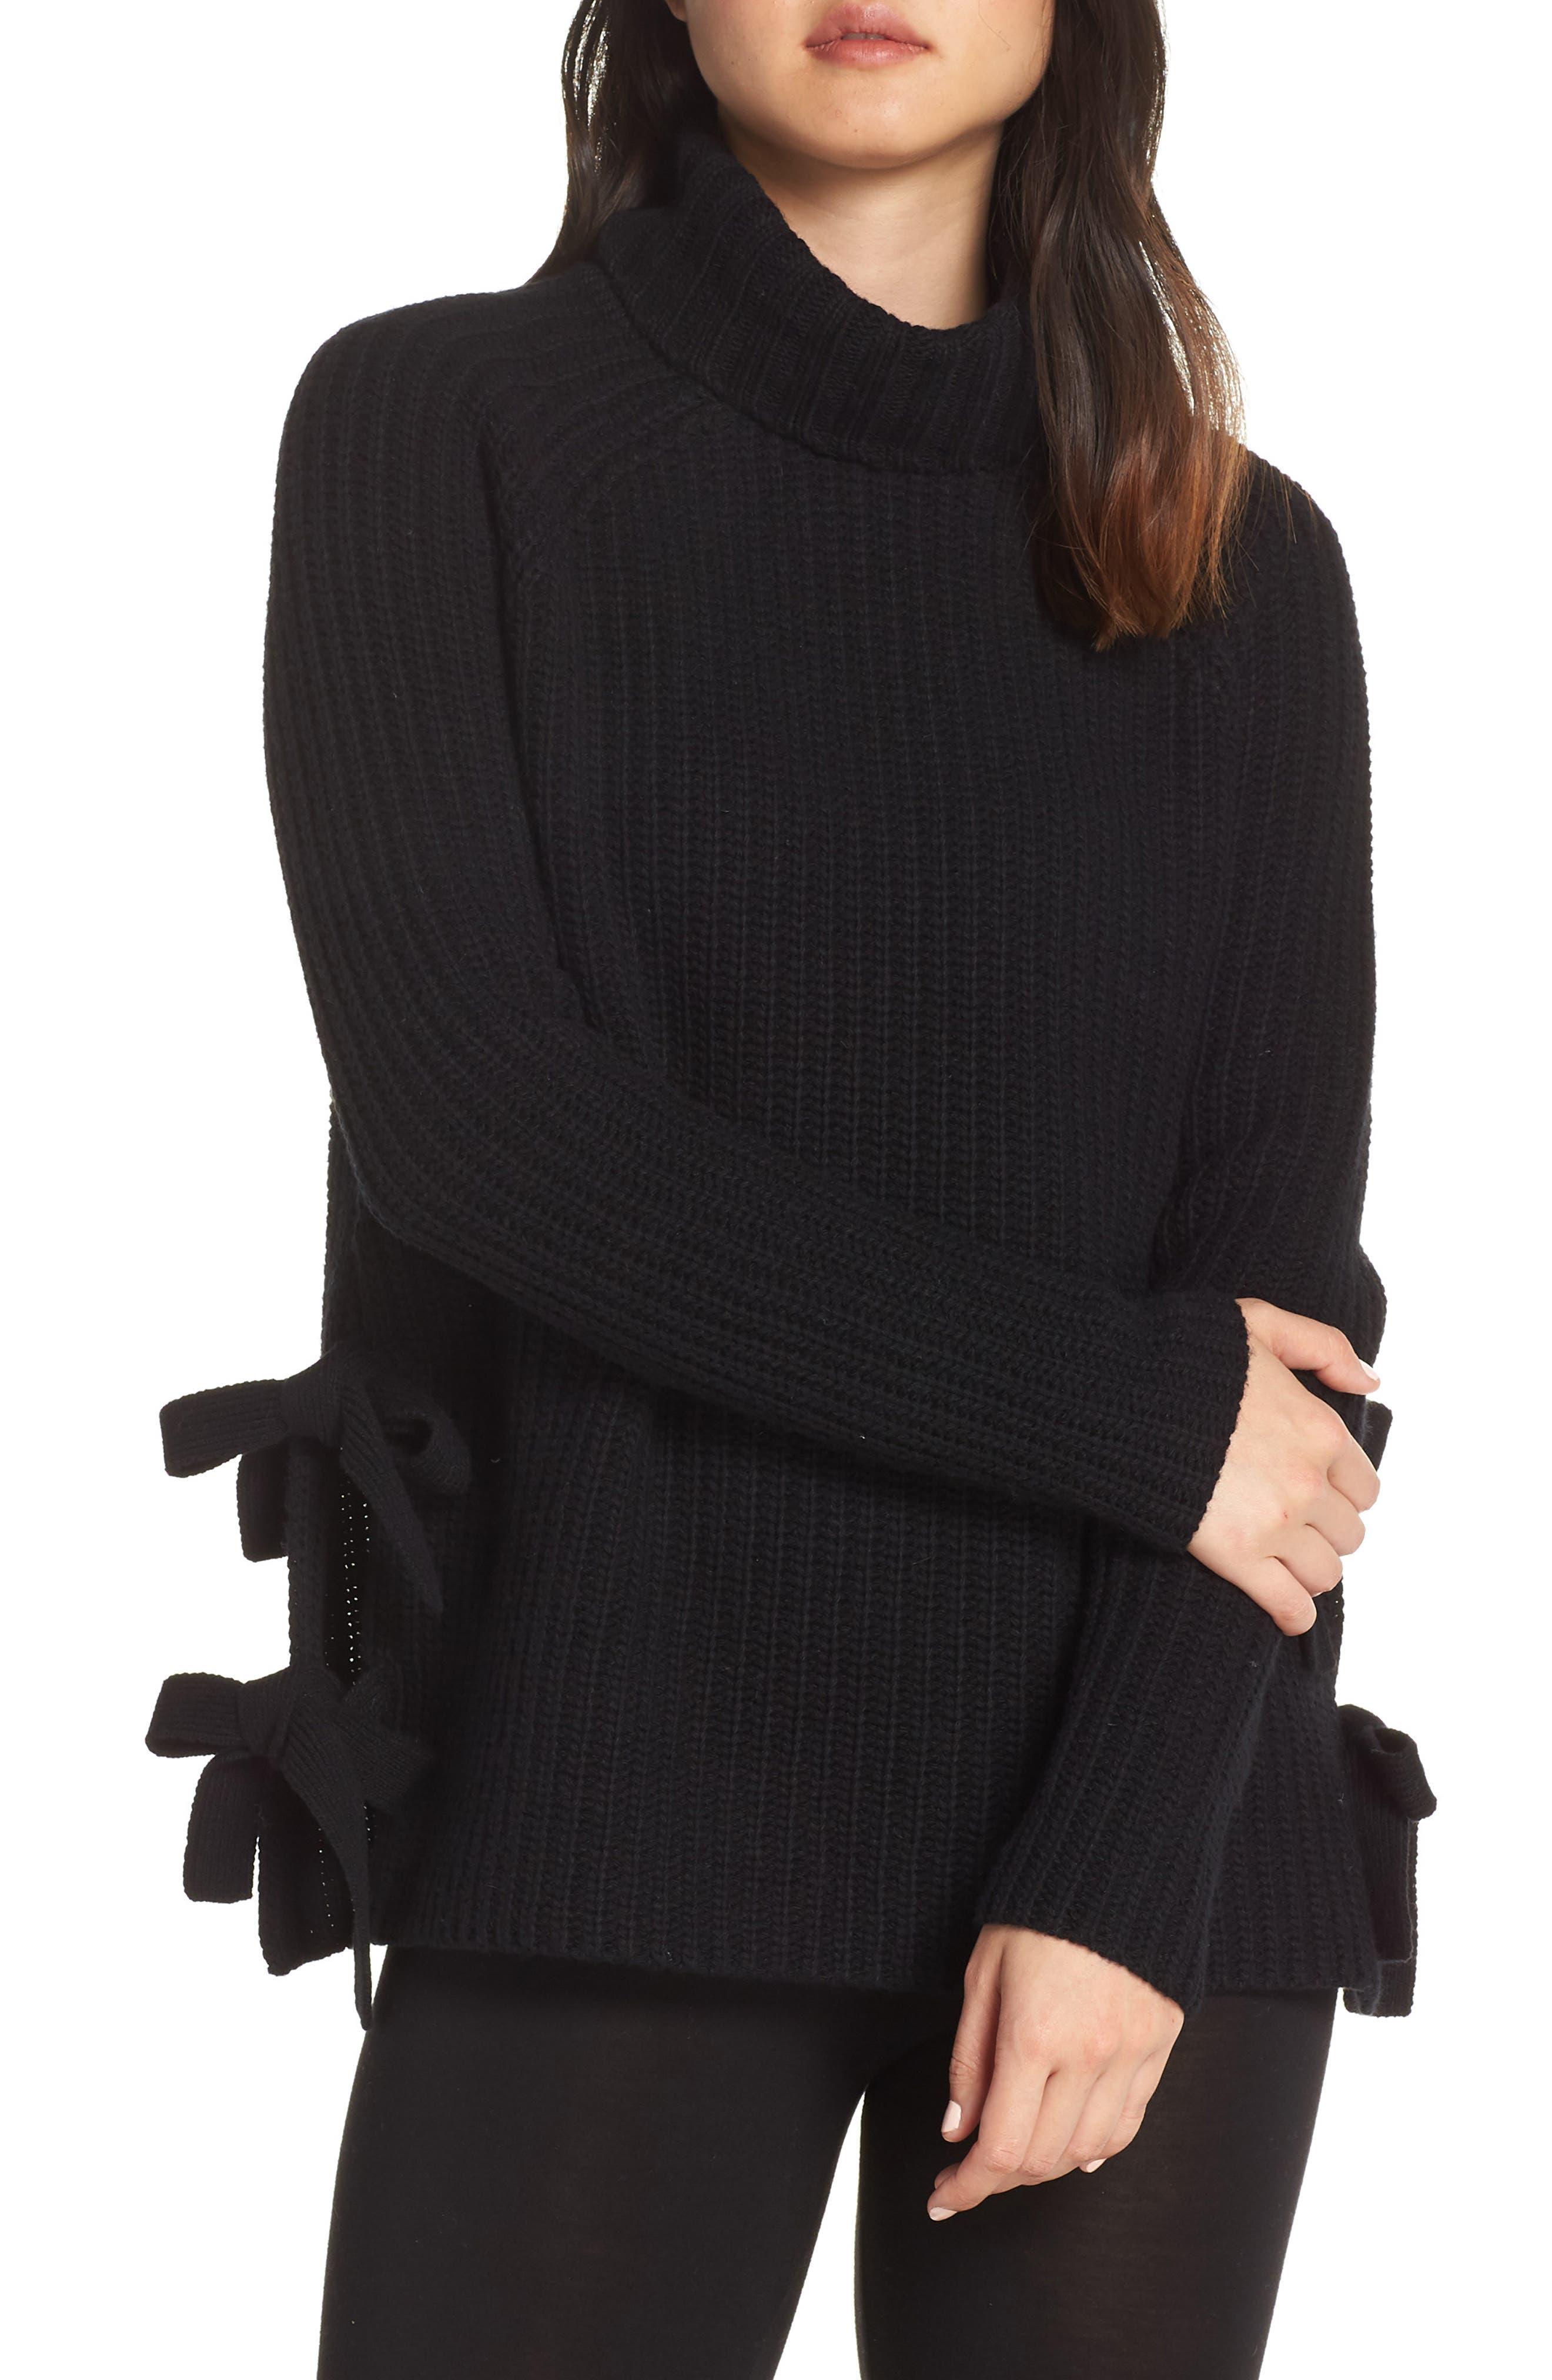 Ceanne Turtleneck Sweater,                         Main,                         color, 001